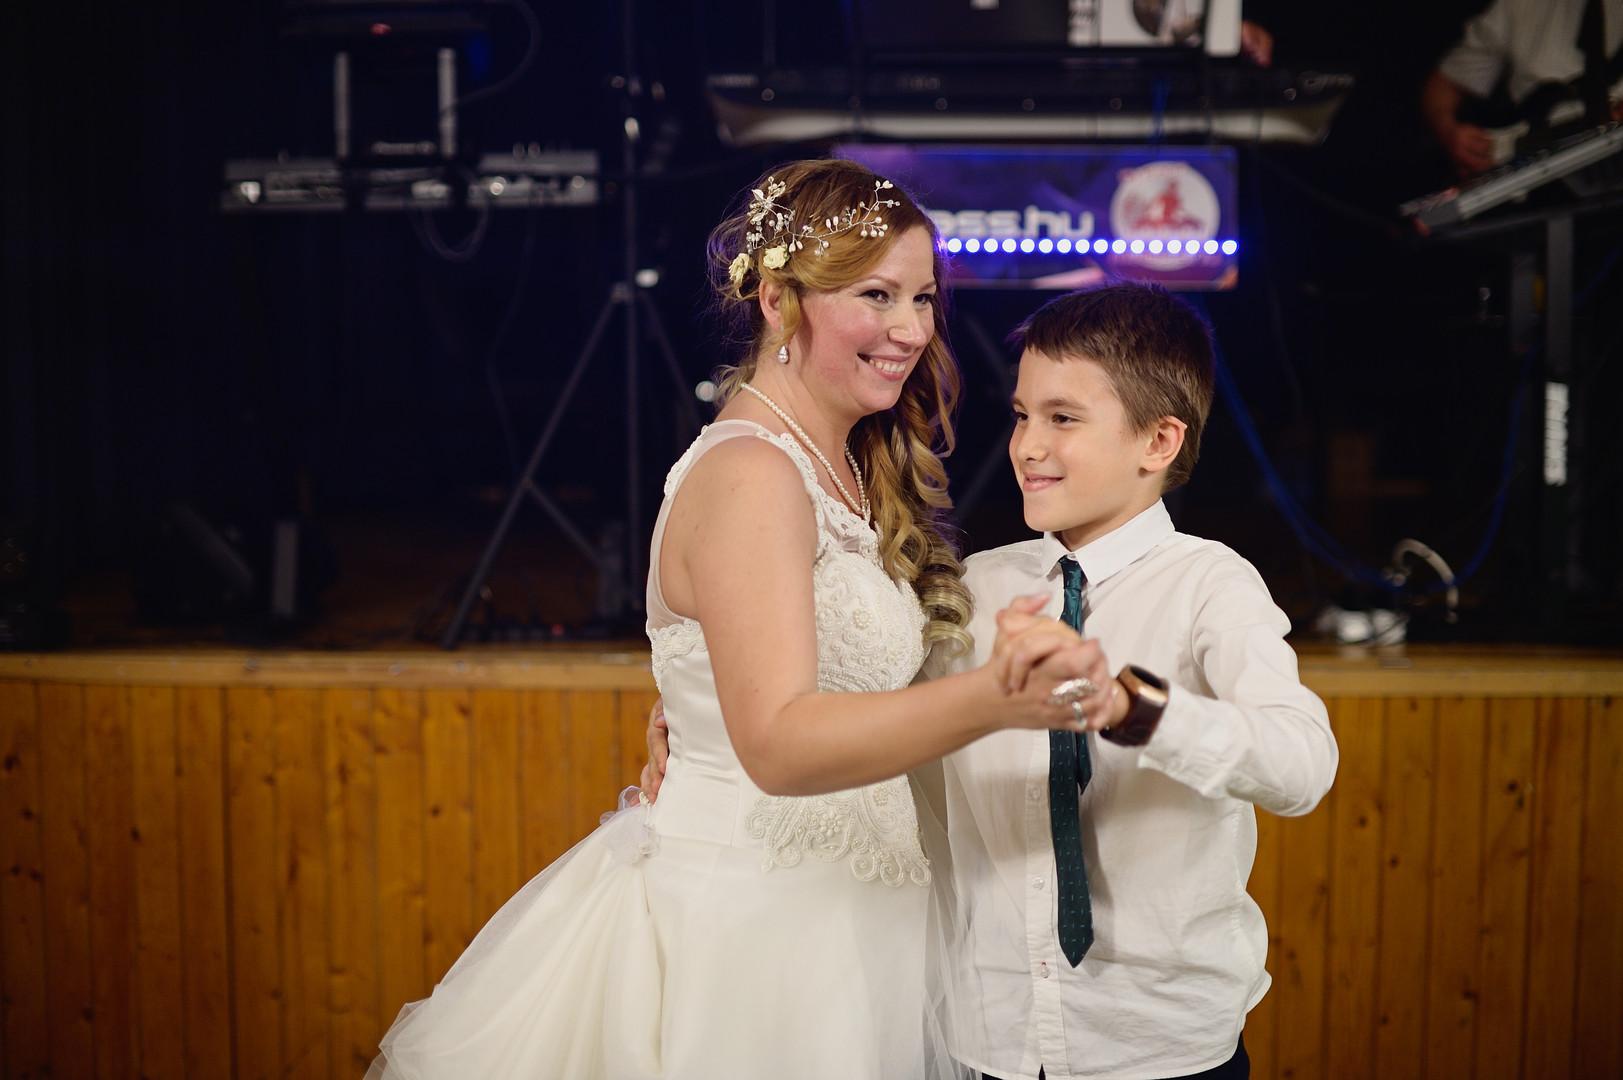 713  Esküvői fotózás - Enikő és Peti Bul